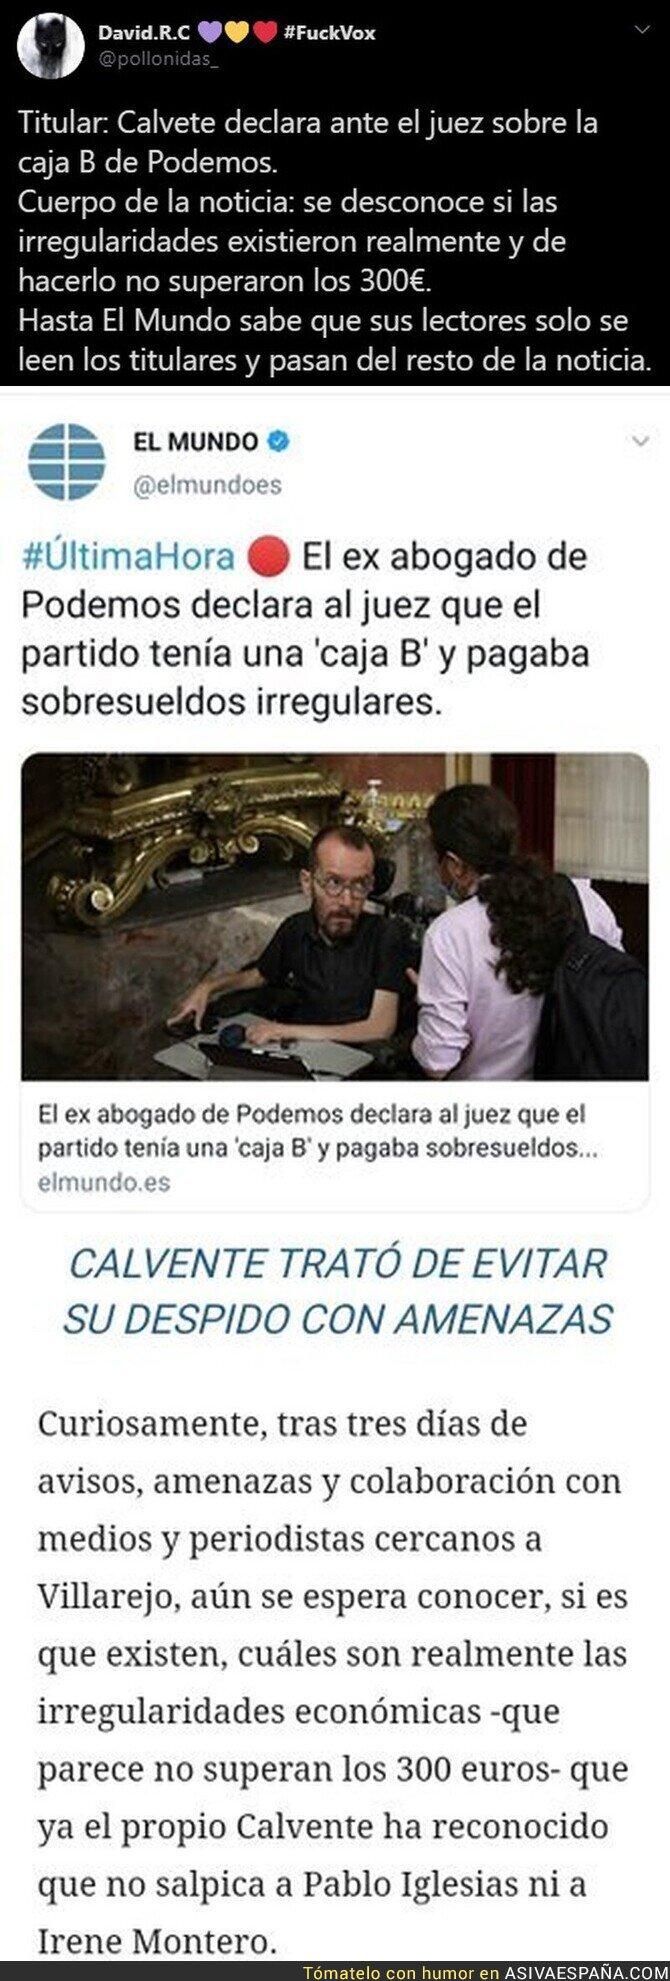 295314 - Así manipula 'El Mundo' sus titulares cuando en la noticia dicen algo completamente diferente sobre Podemos